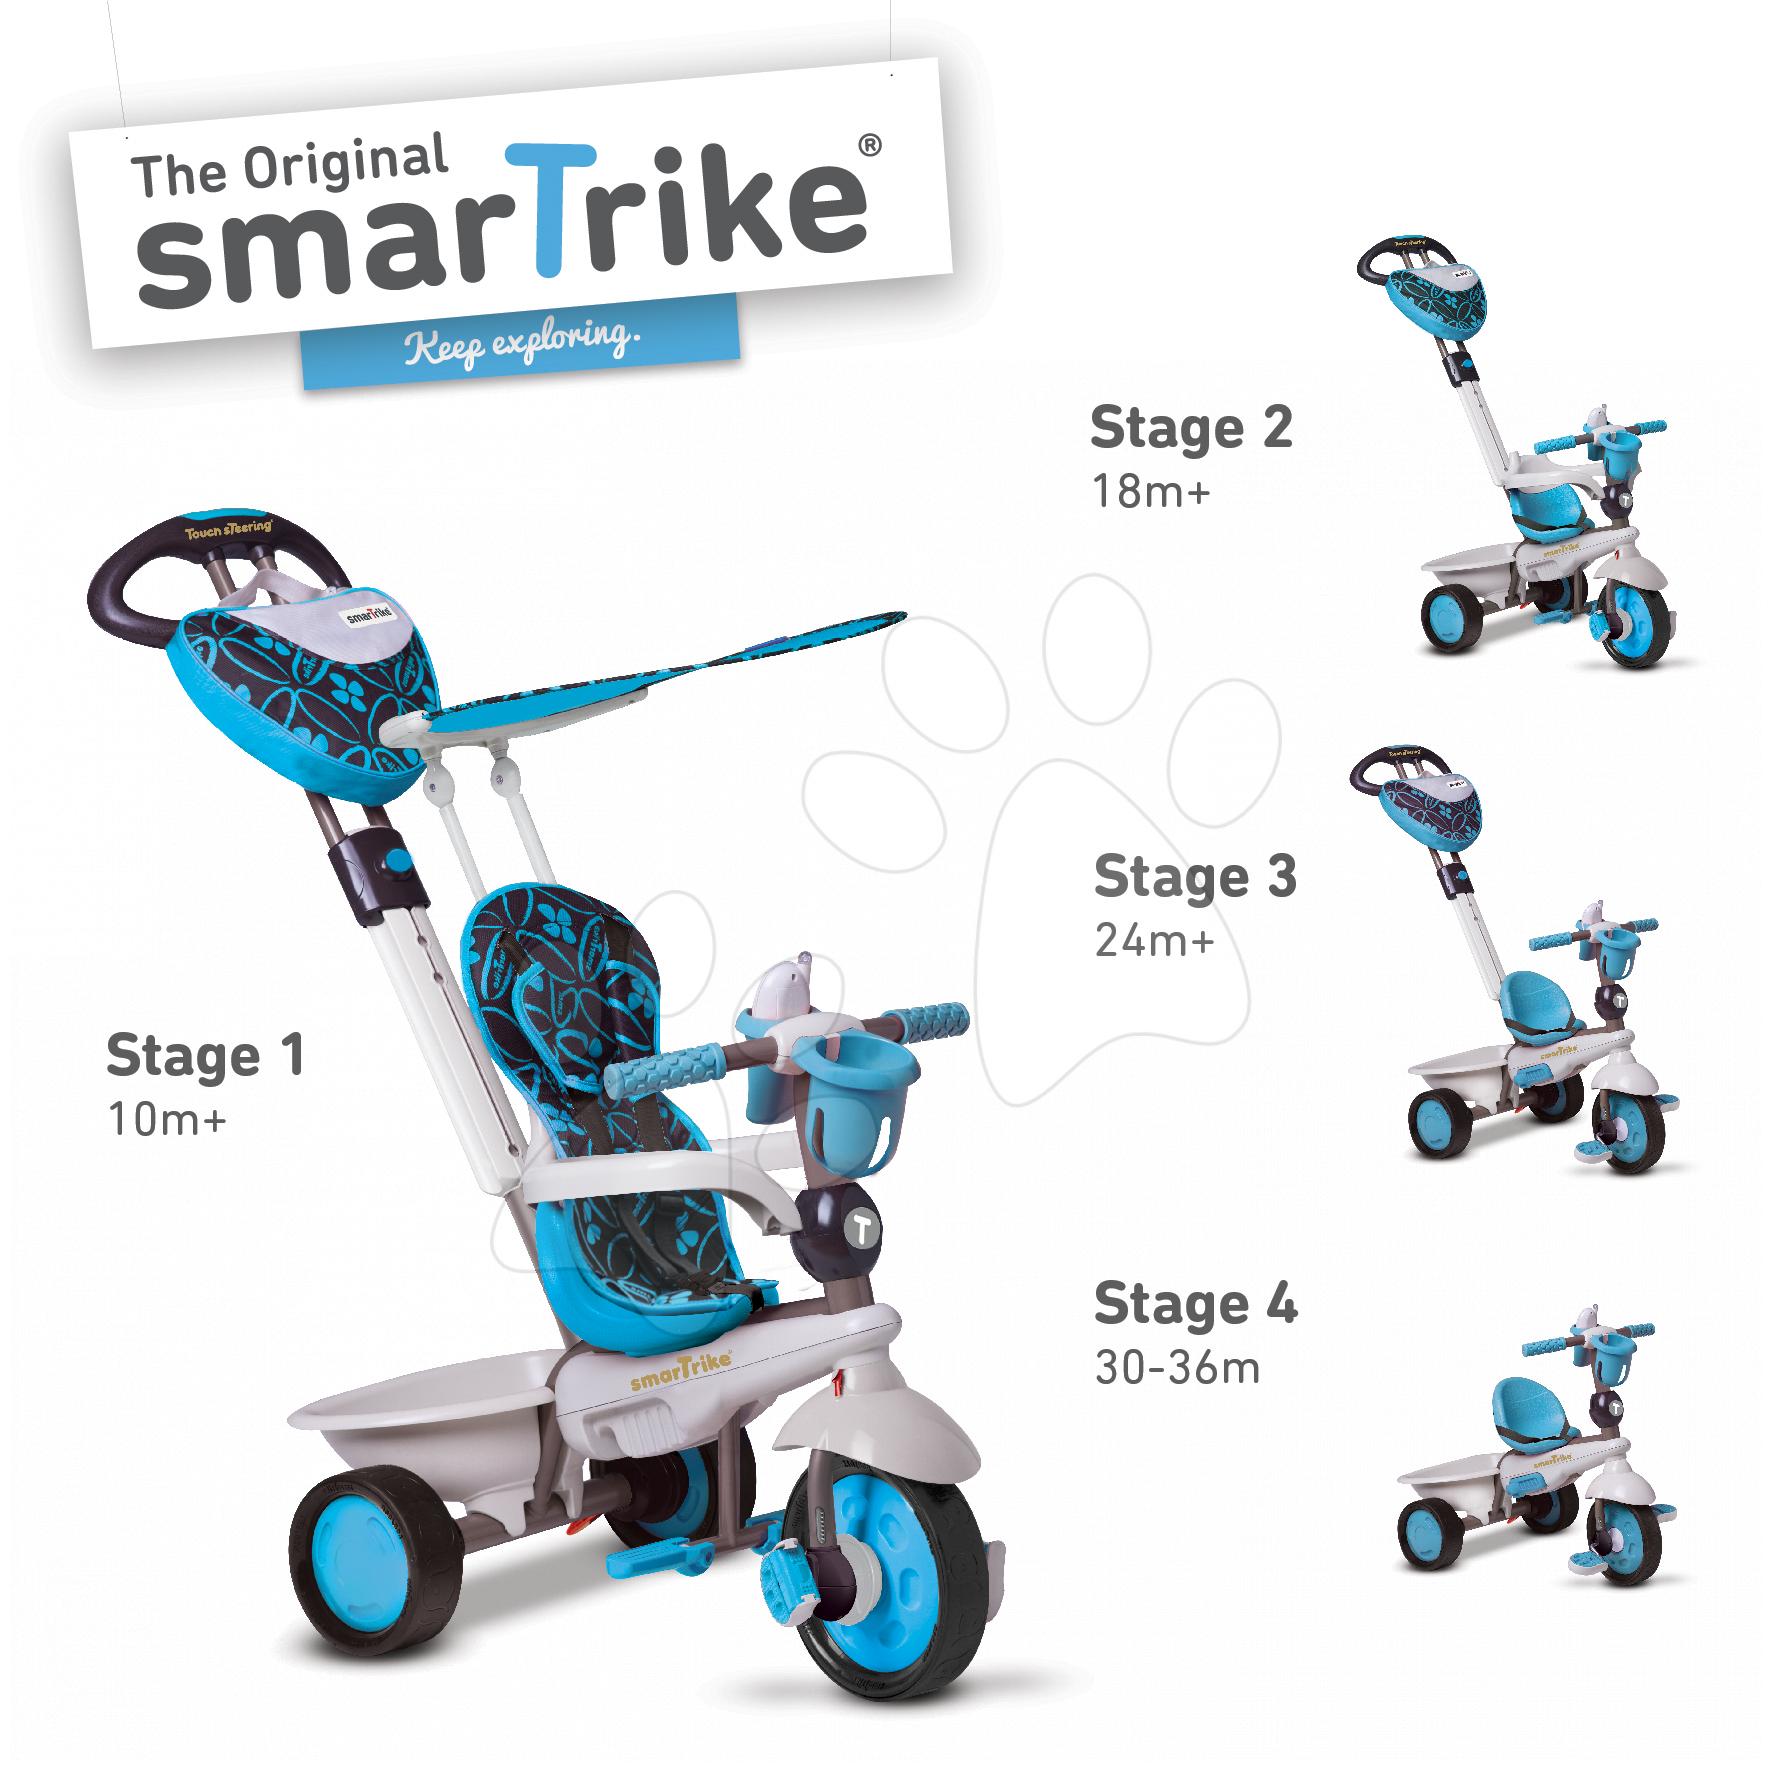 Tříkolka Dream Team Blue Touch Steering 4v1 smarTrike od 10 měsíců modro-šedá